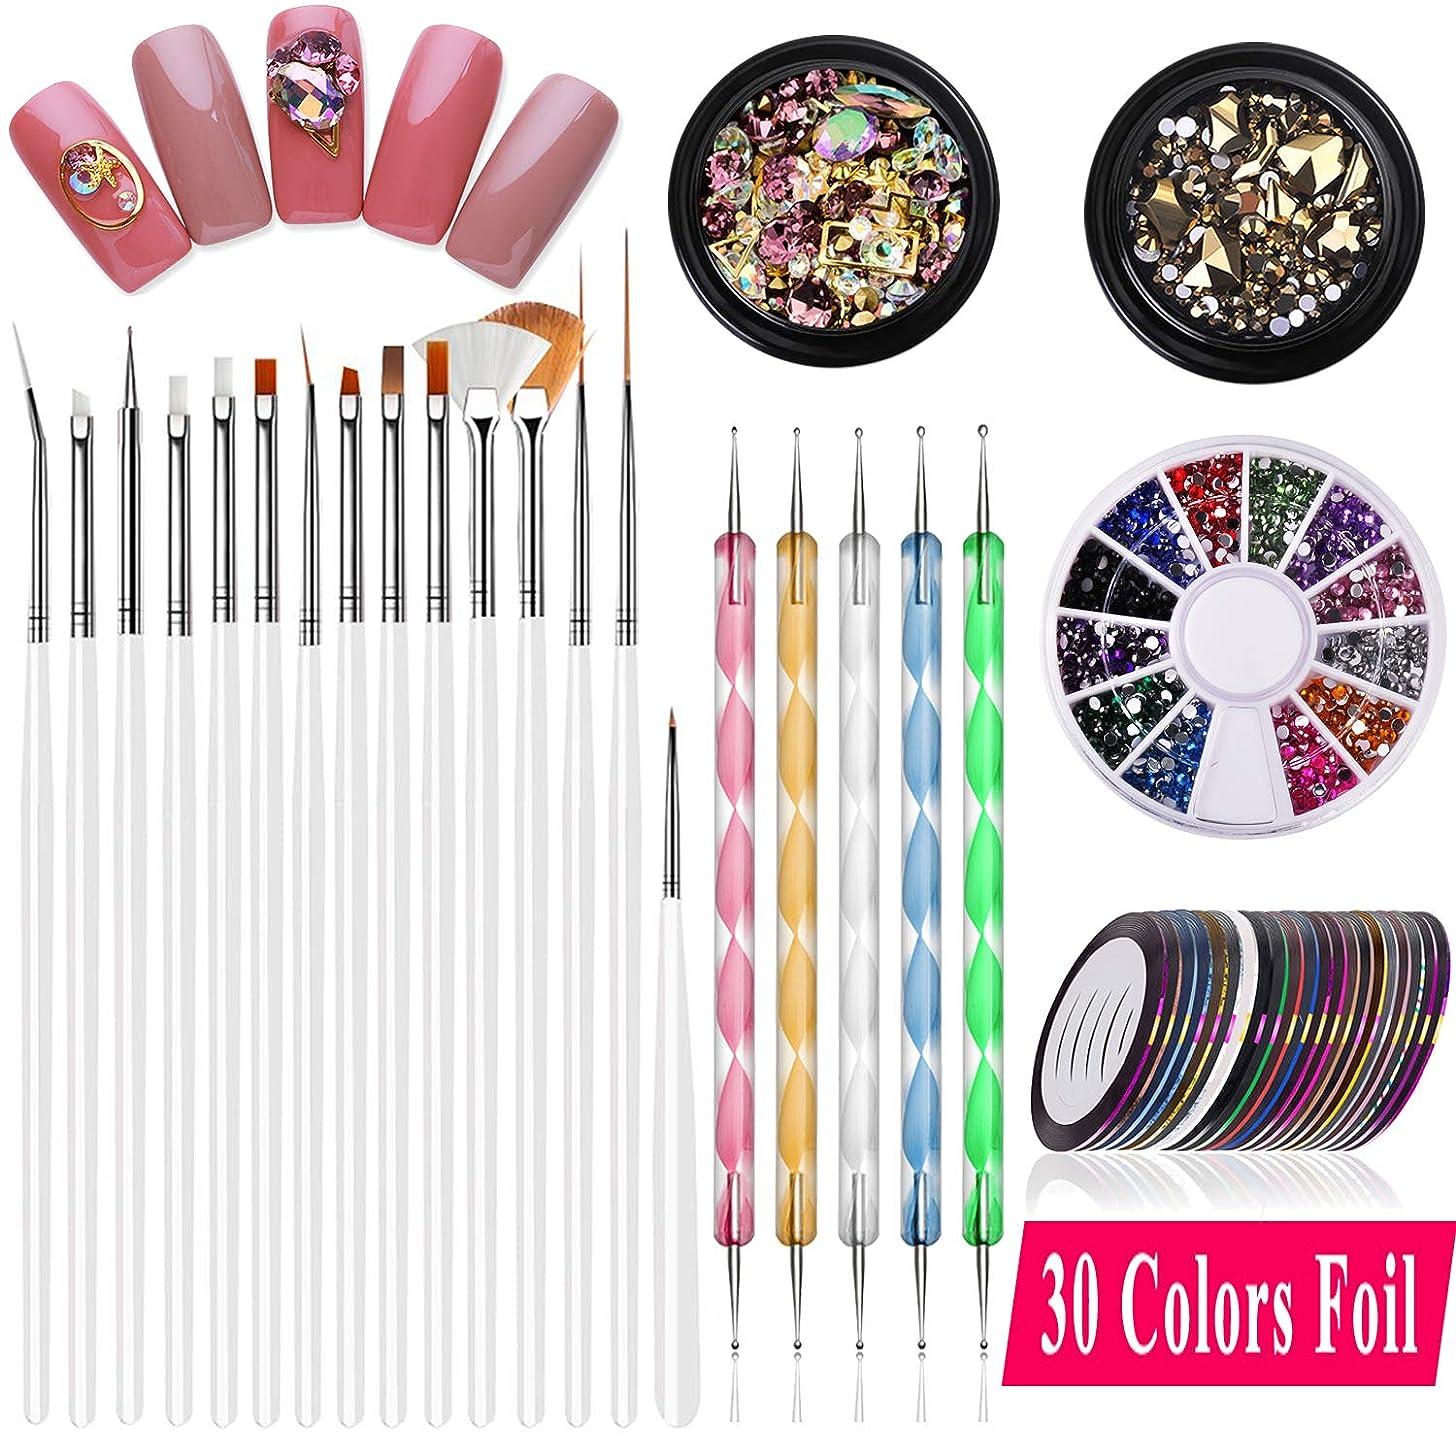 Nail Art supplies, JOYJULY 30 Striping tape & 15pcs nail art Brushes Set & 5pcs Dotting Pen & 3pcs 3D nail art Rhinestones Nail Art Kit tools accessories Decoration Diamond foil